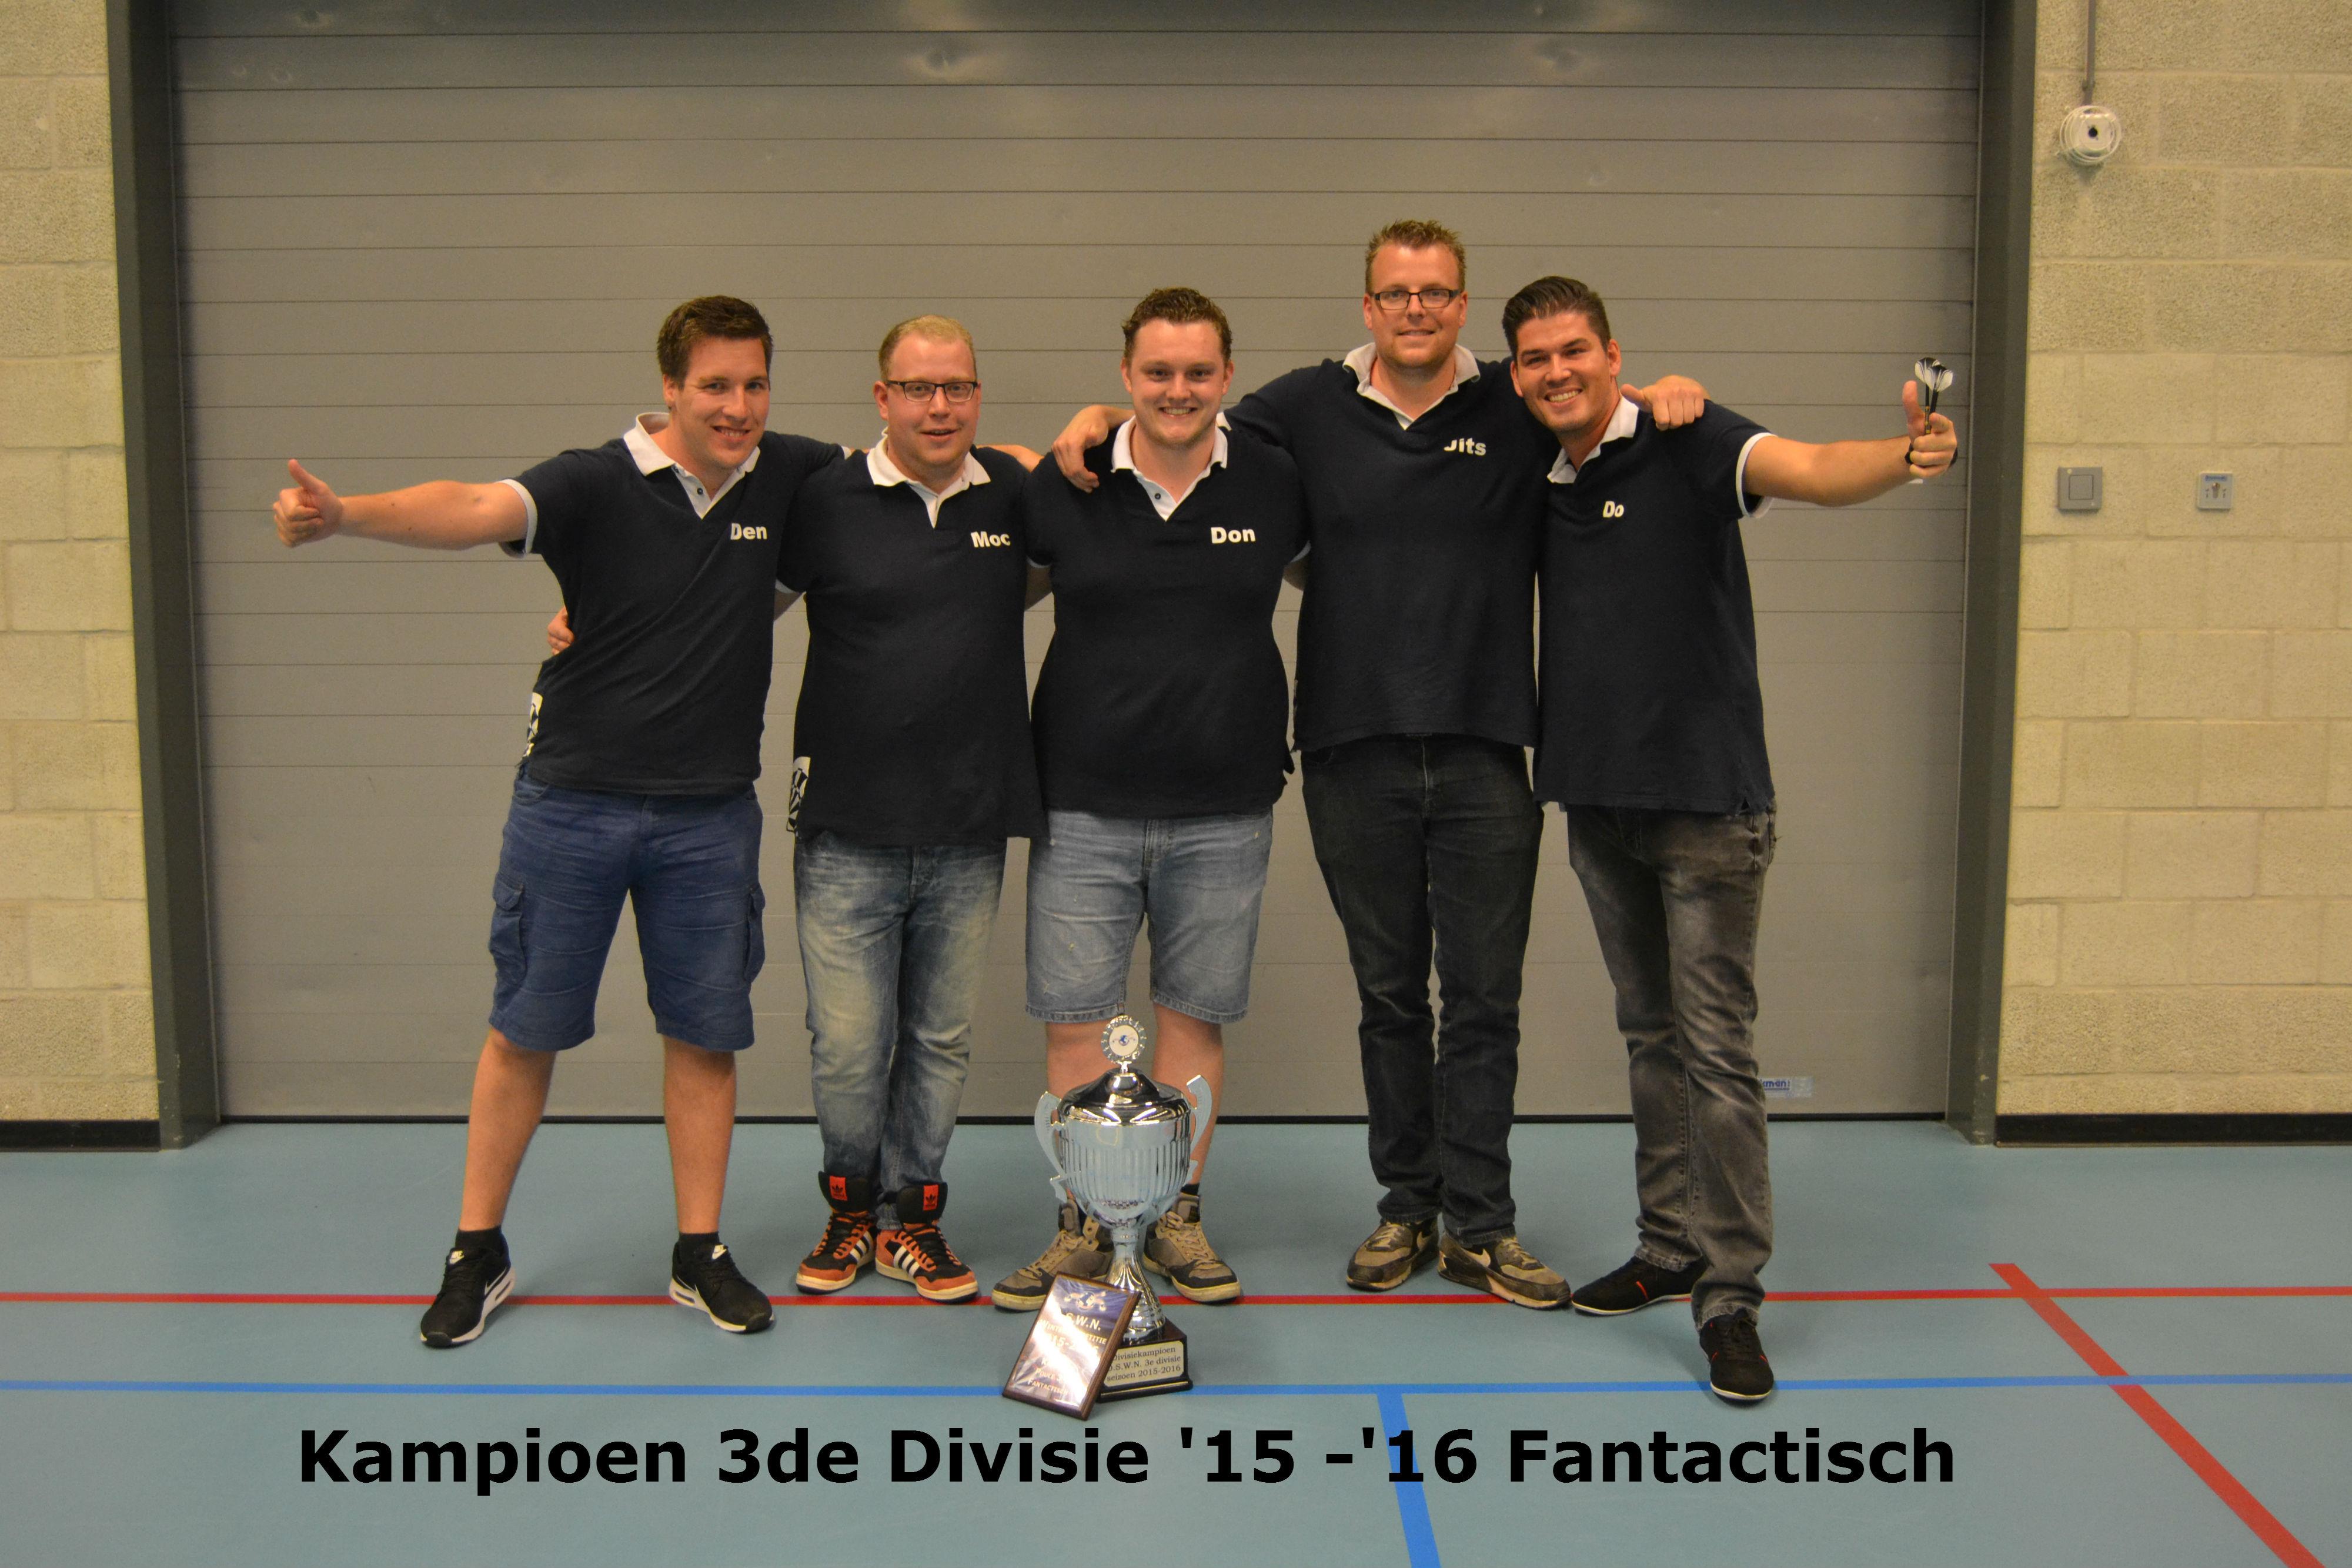 Kampioen 3e divisie Fantactisch